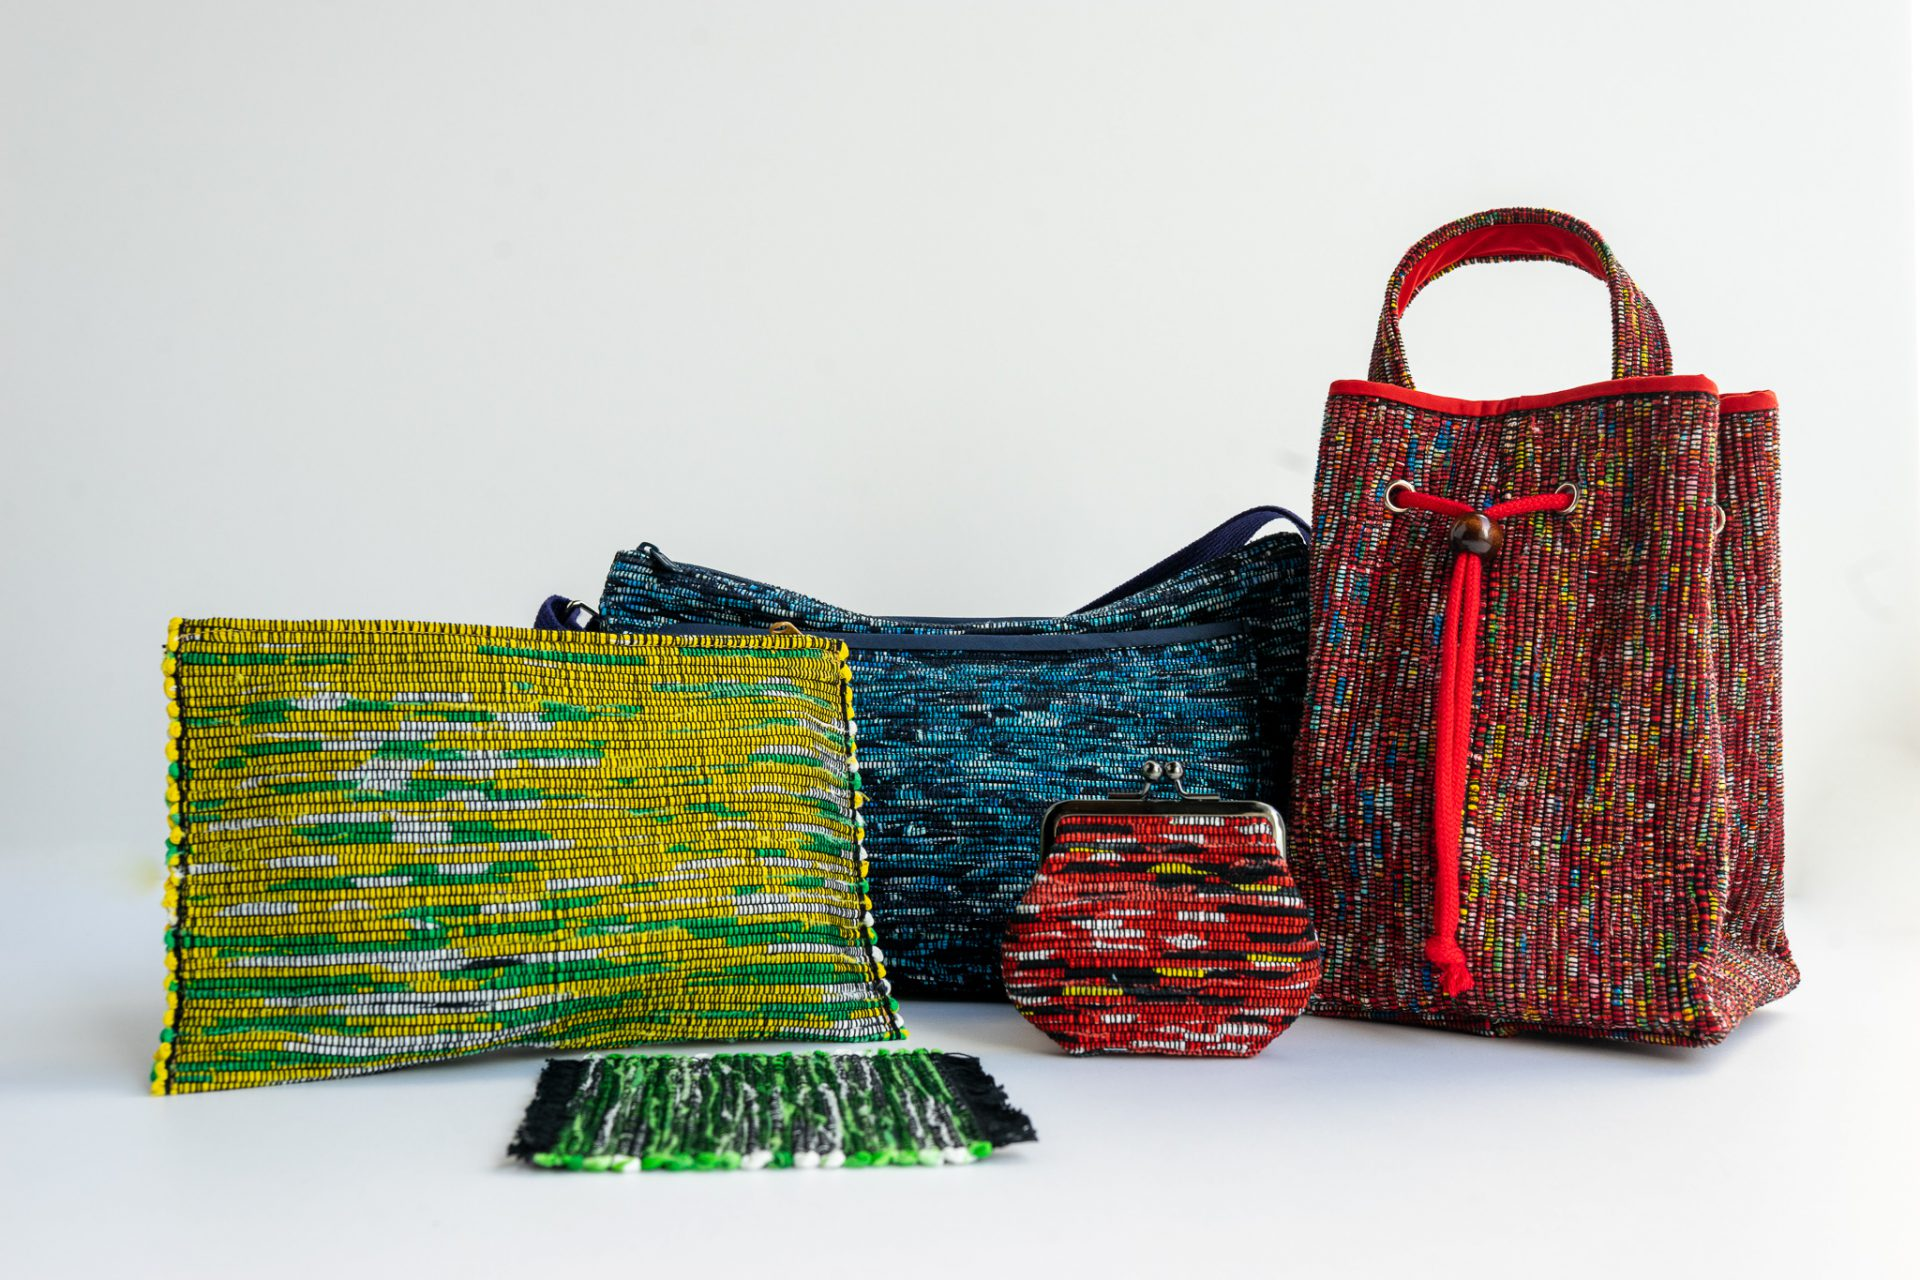 古くから伝わる職人技。世界に一つだけの日用品 裂いた布を、一つ一つ編んで作られる南部裂き織。様々な種類の布を裂き、織り込んでいるので、1つとして同じものはありません。昔ながらの製法を守り抜き、小銭入れやコースター、筆箱、バッグ等、様々な日用品を作成しています。 北上市のお土産ショップの他、ふるさと納税でも人気の商品です。 ...